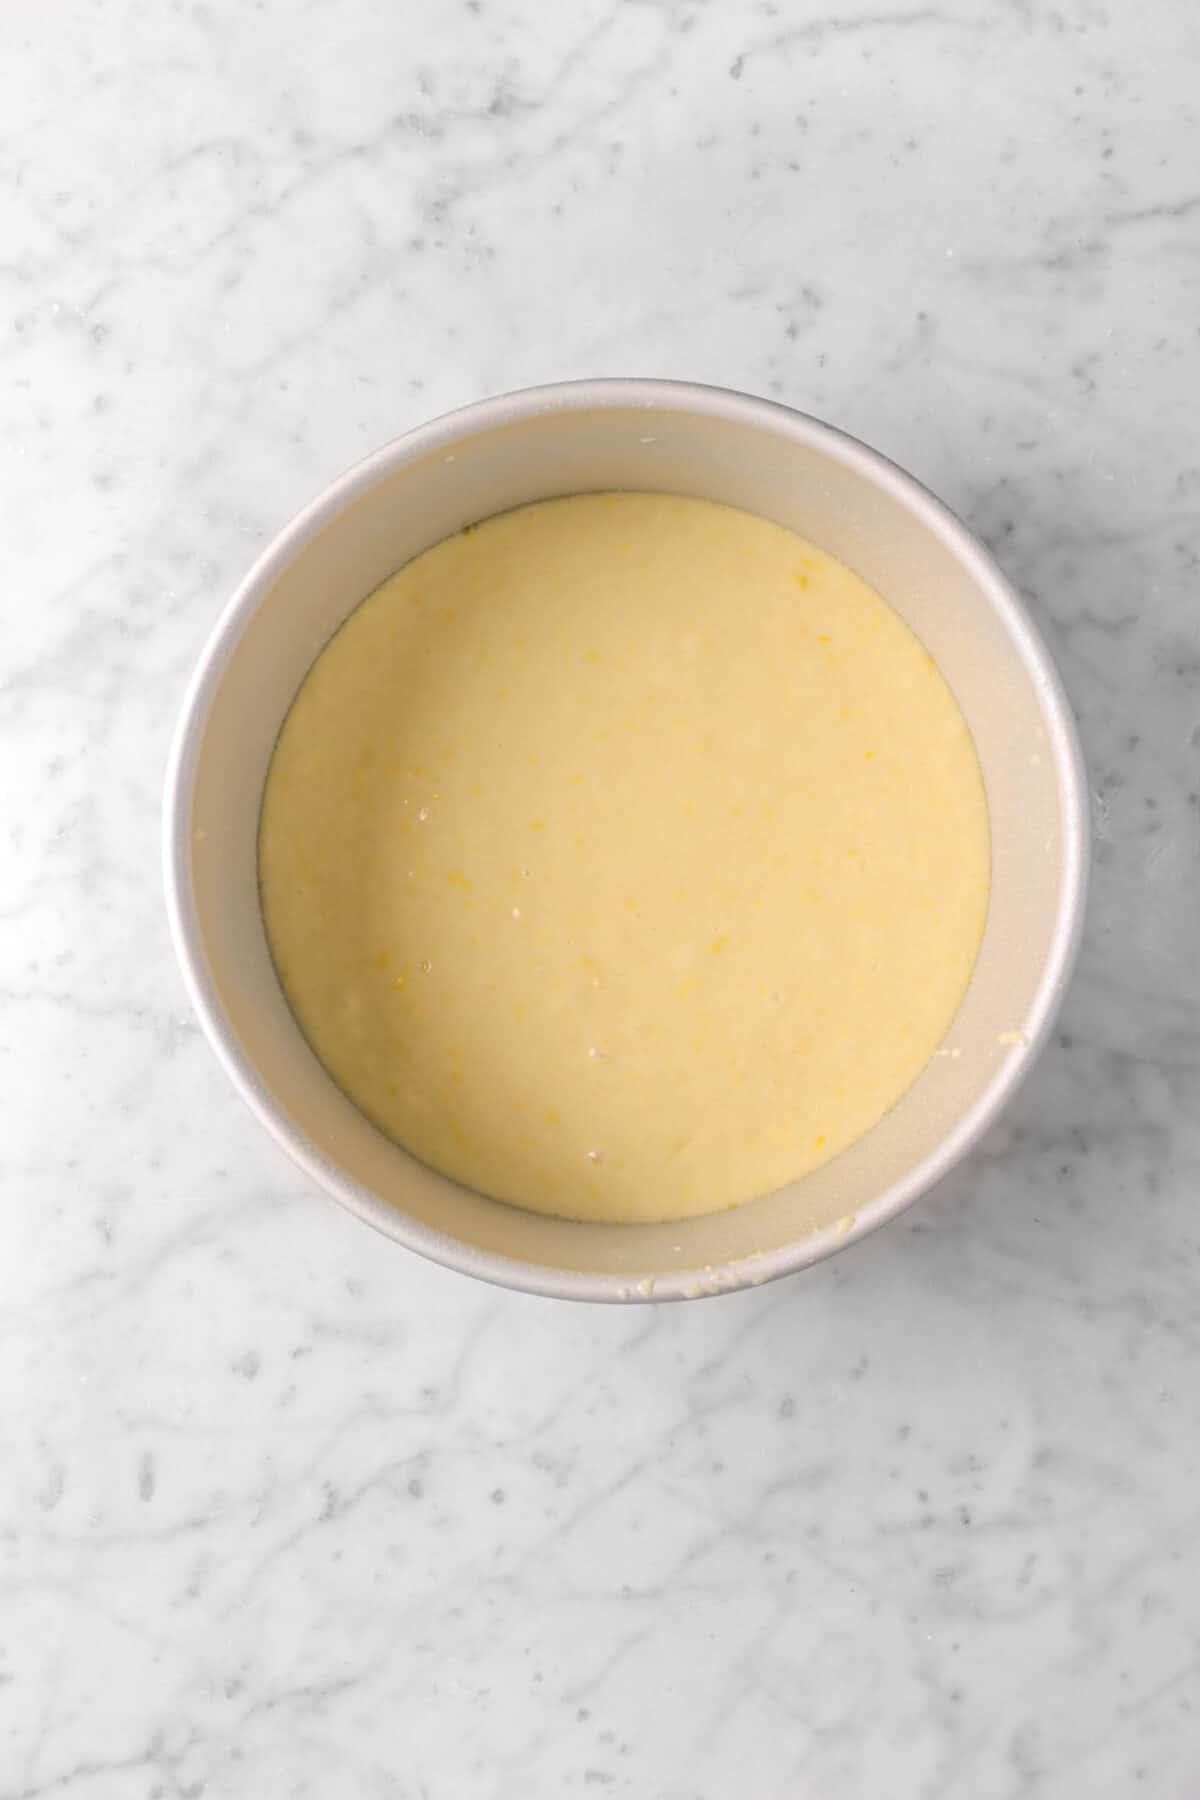 cake batter in a circle cake pan